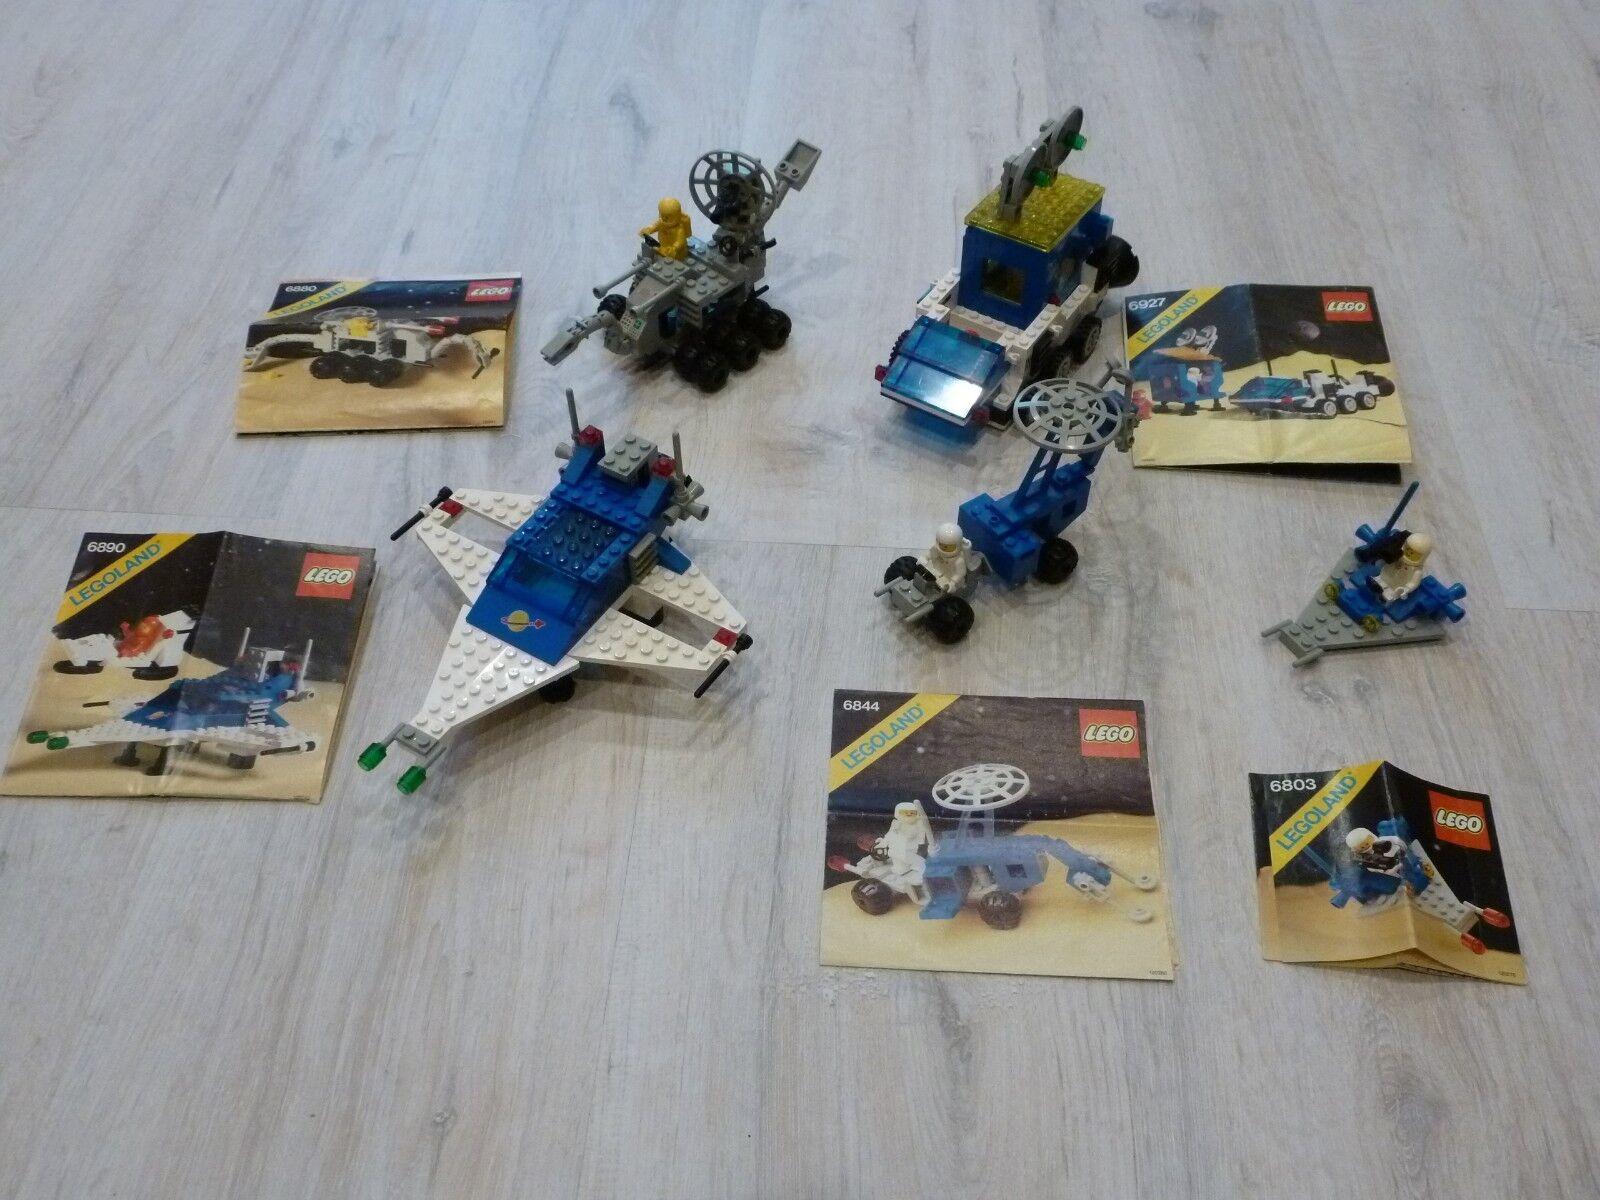 Lego Set Space Classic Galaxy 6803 6844 6880 6890 6927